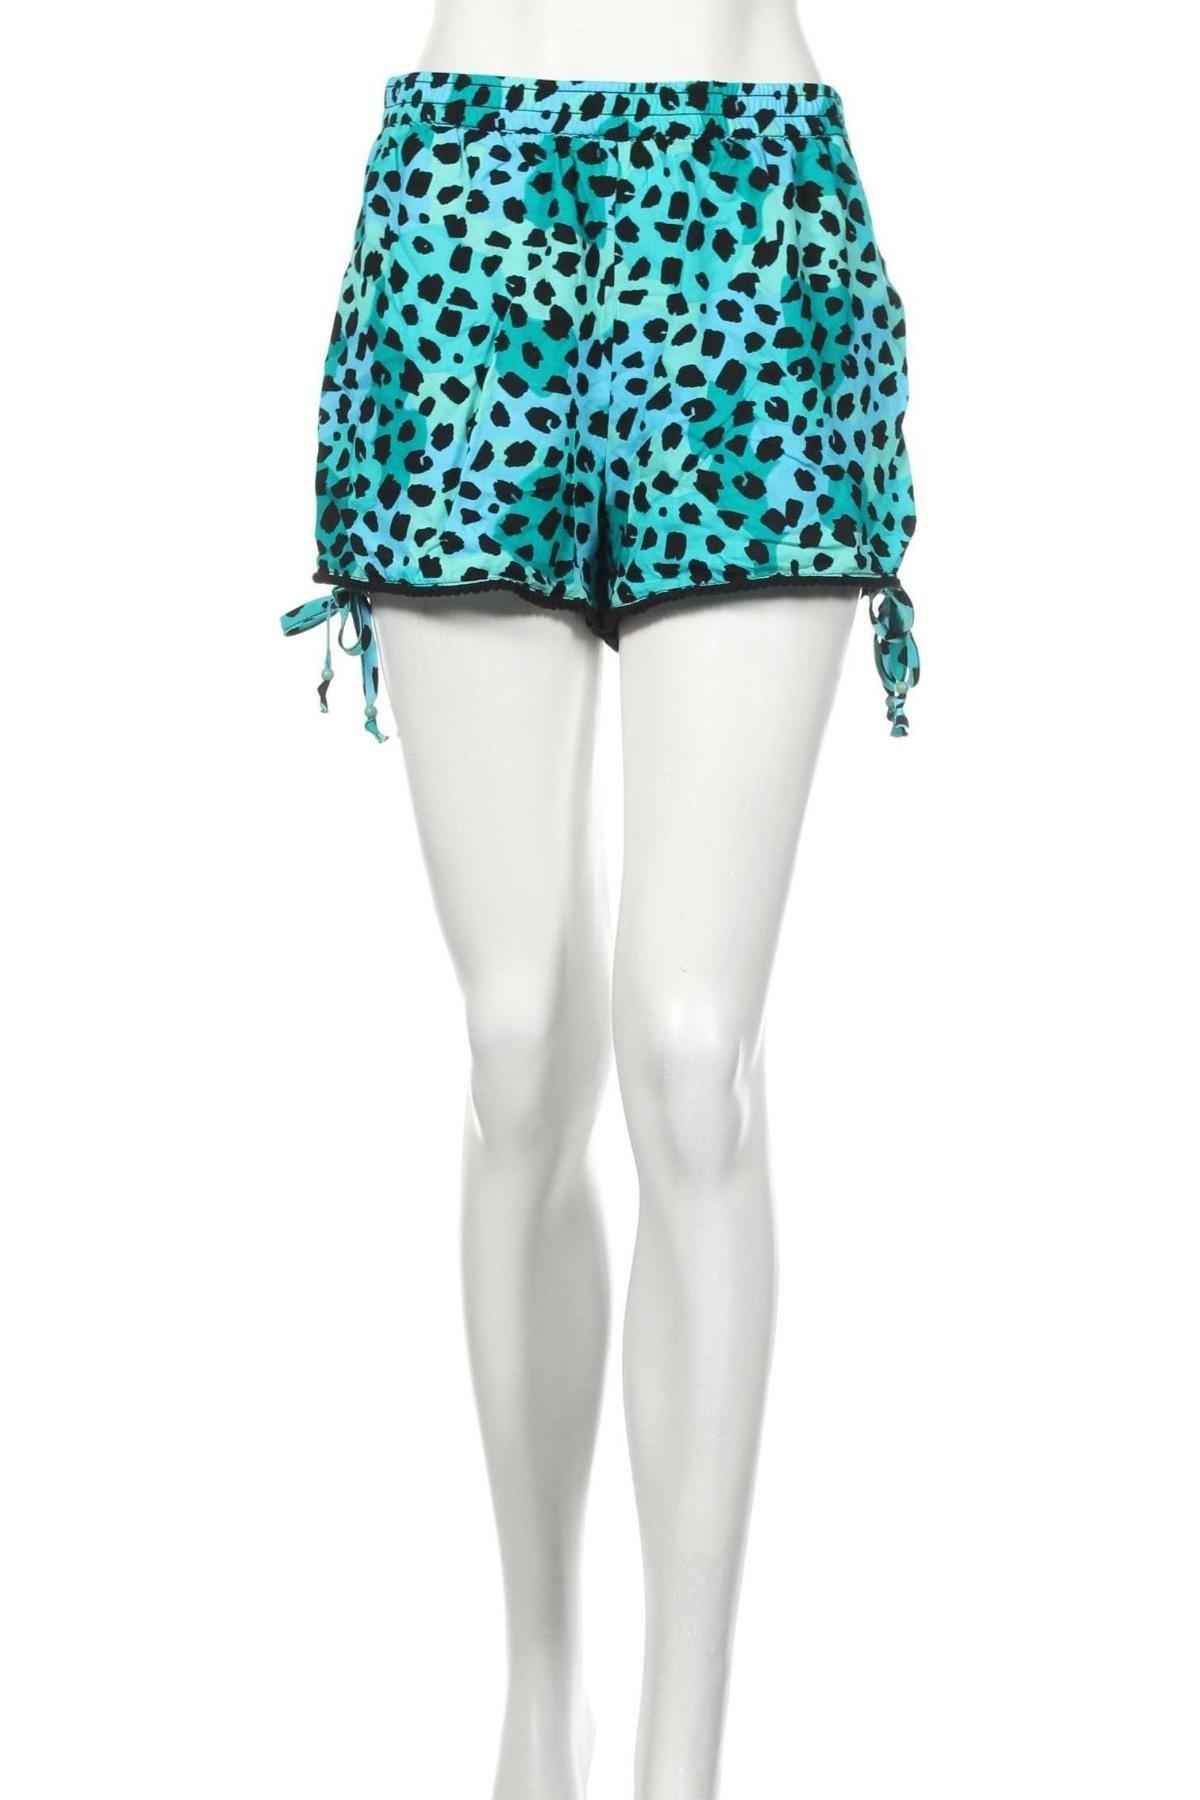 Γυναικείο κοντό παντελόνι Yfl Reserved, Μέγεθος XS, Χρώμα Πολύχρωμο, Βισκόζη, Τιμή 3,25€